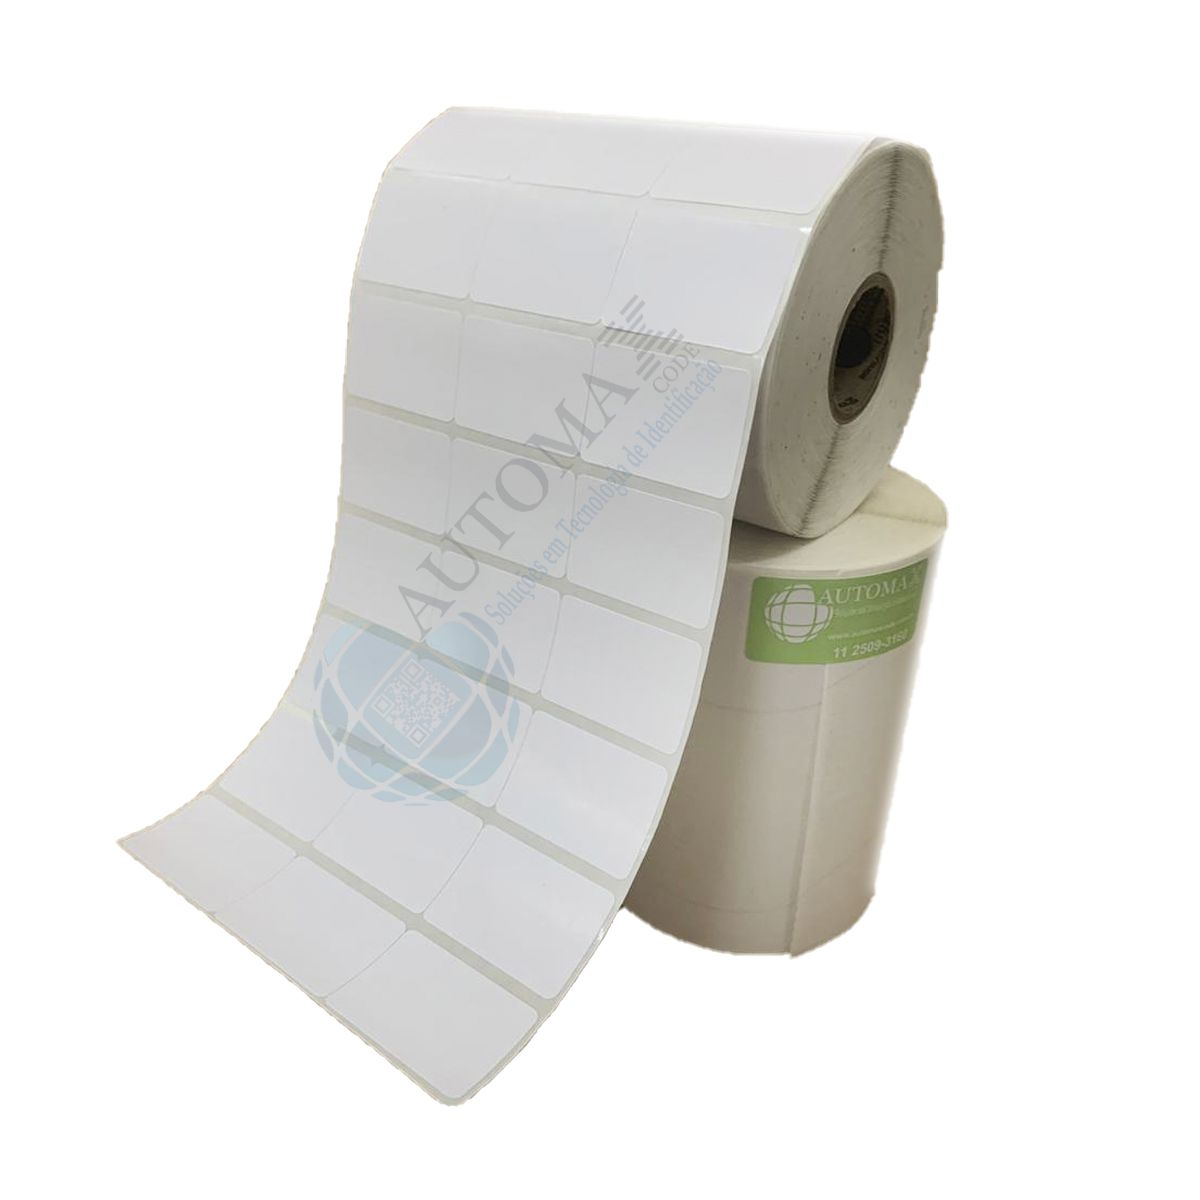 Kit 10 Rolos de Etiqueta Couche 34x23 + 5 Rolos de Ribbon